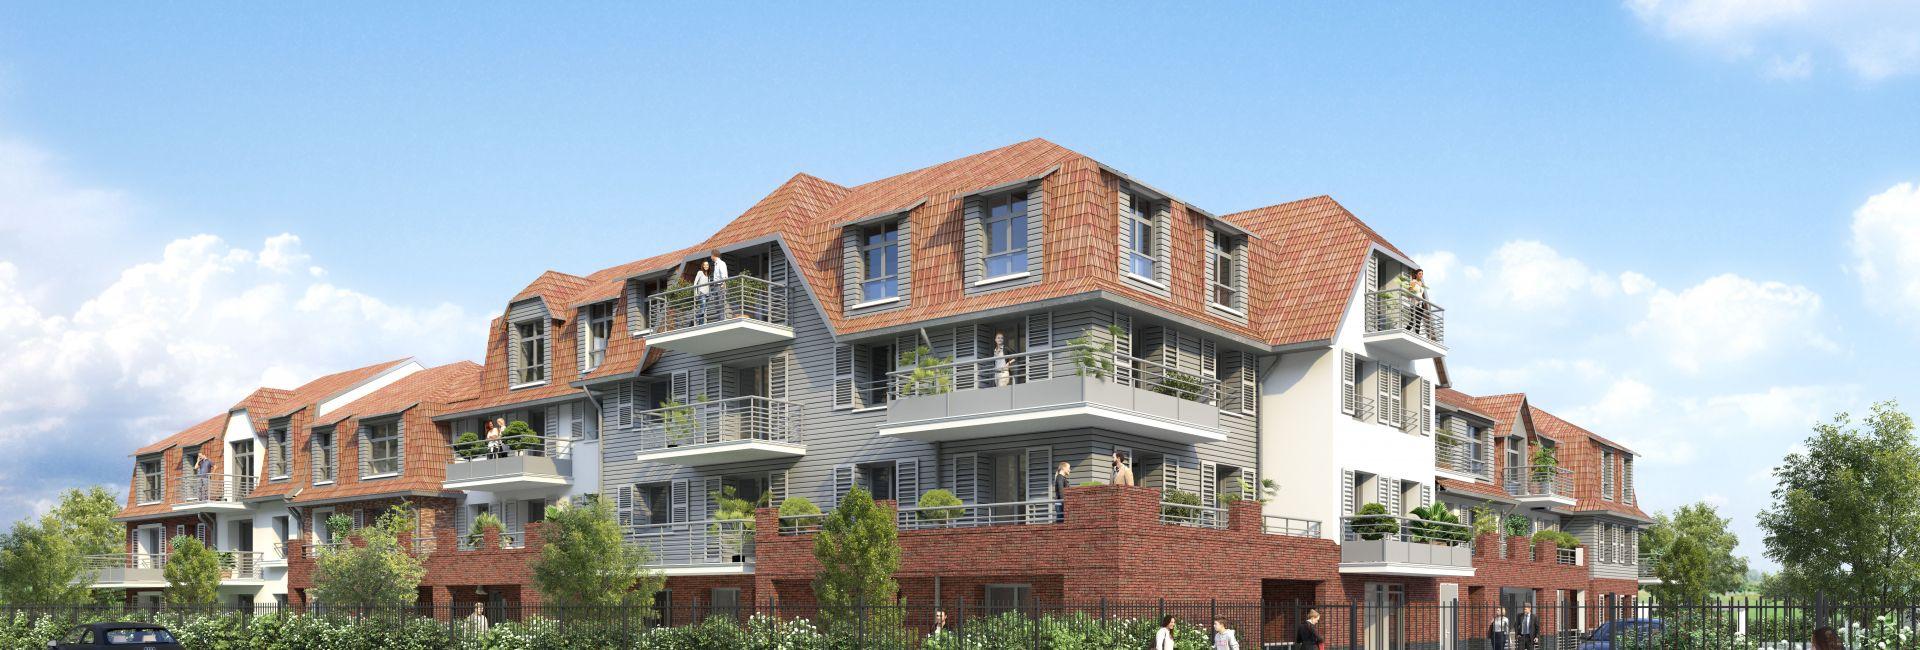 Programme immobilier le clos des champs - Image 2